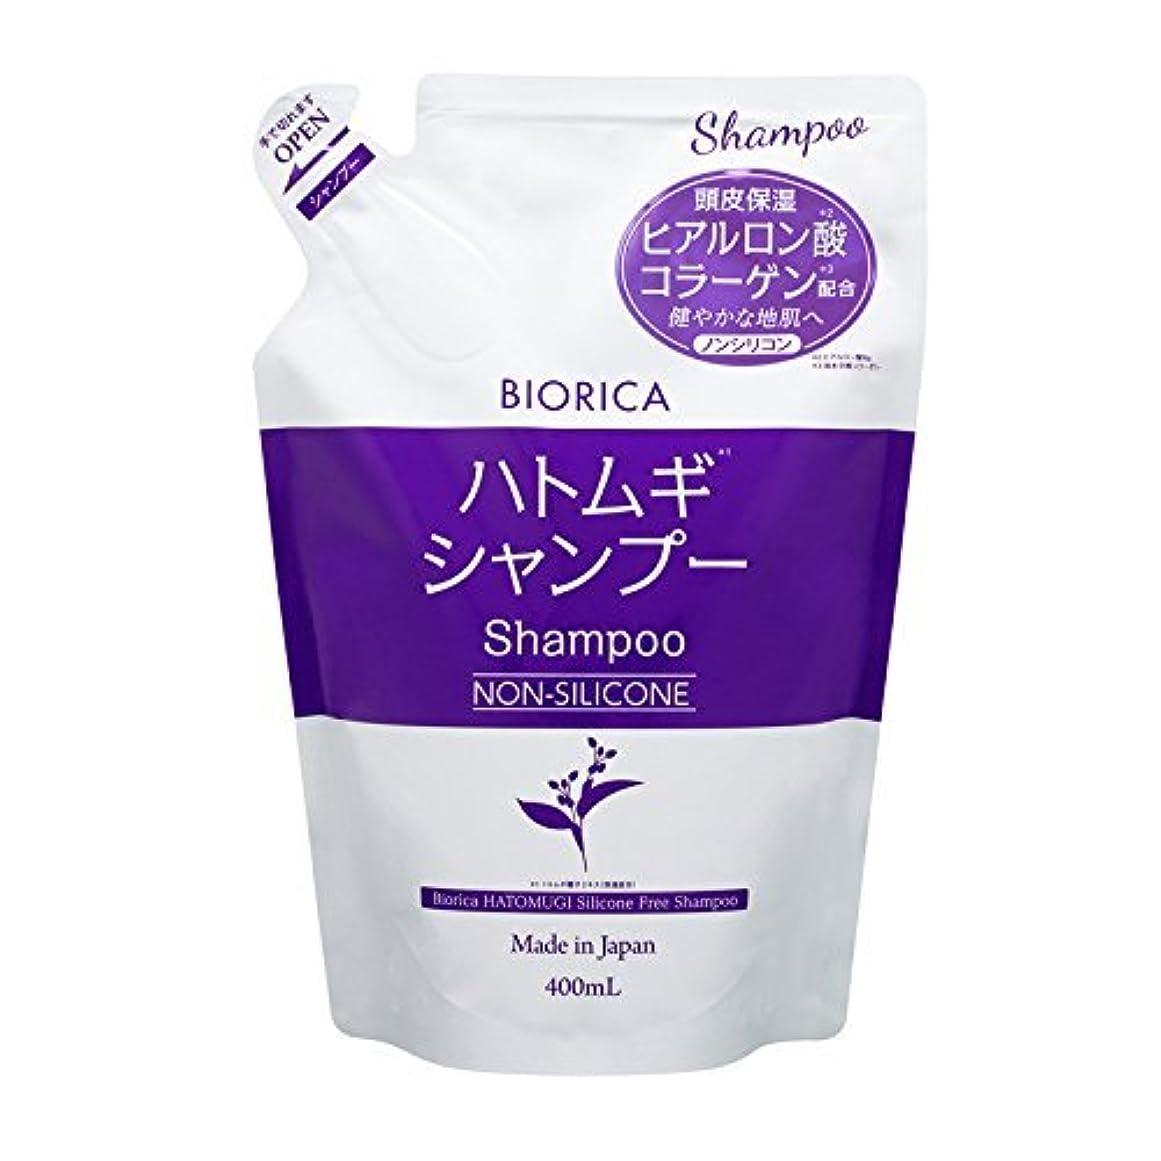 ブラザーかりてスピーカーBIORICA ビオリカ ハトムギ ノンシリコン シャンプー 詰め替え フローラルの香り 400ml 日本製